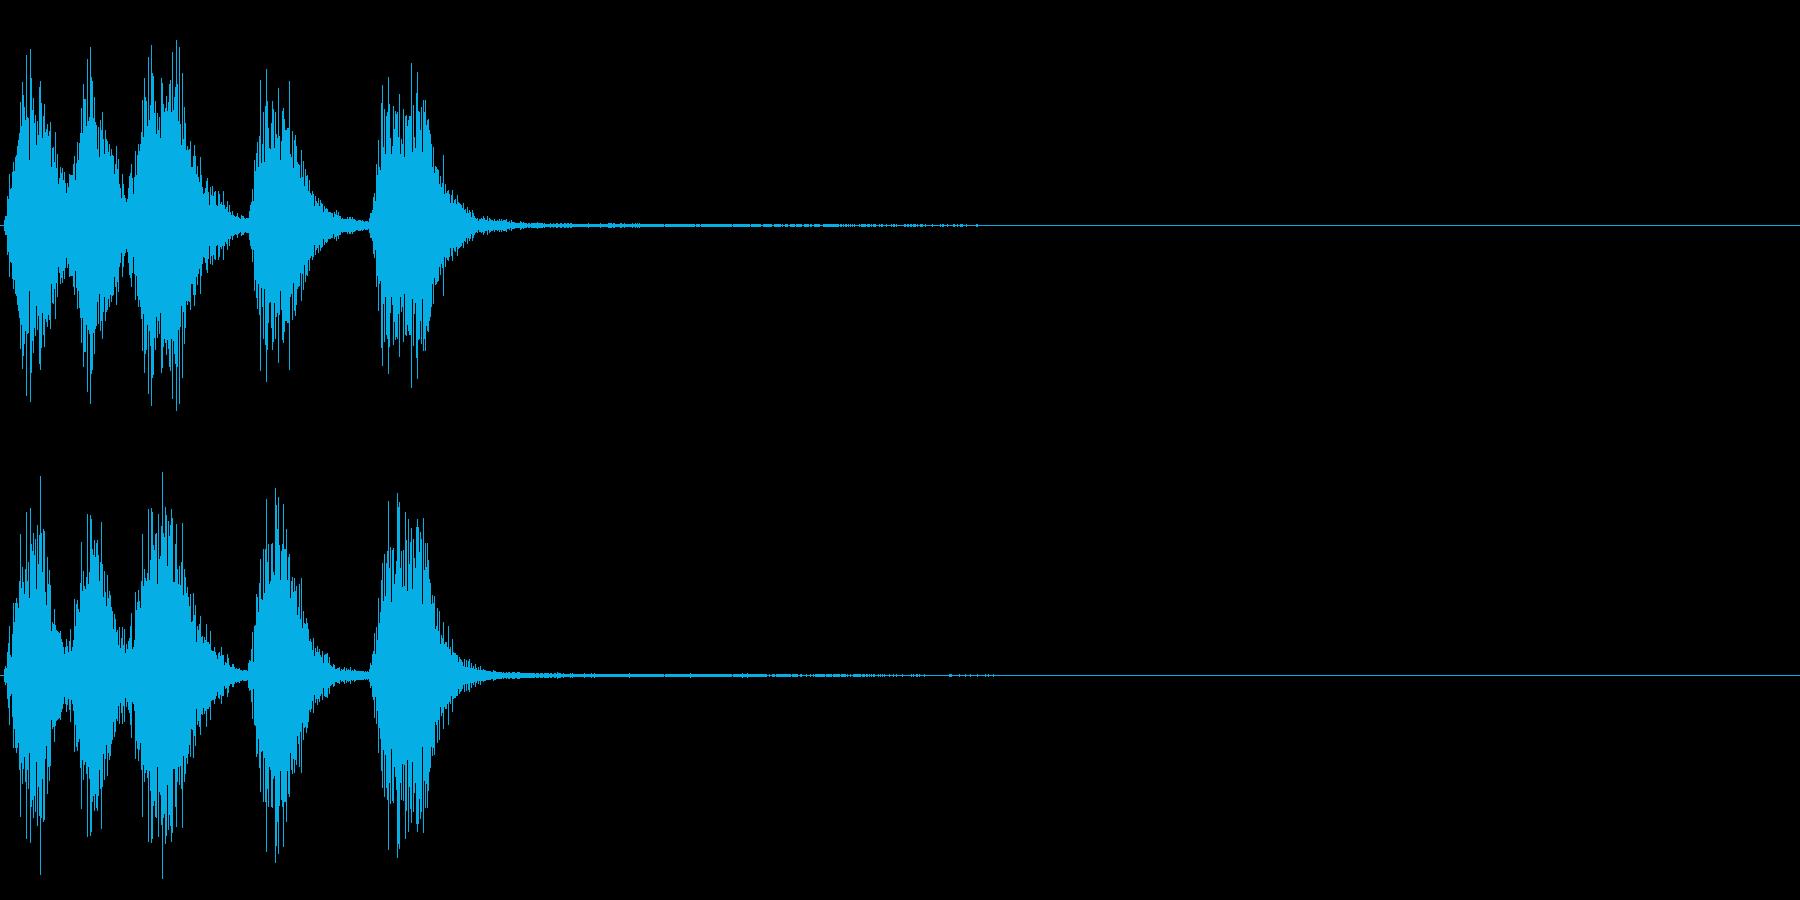 トランペット ファンファーレ 定番 11の再生済みの波形